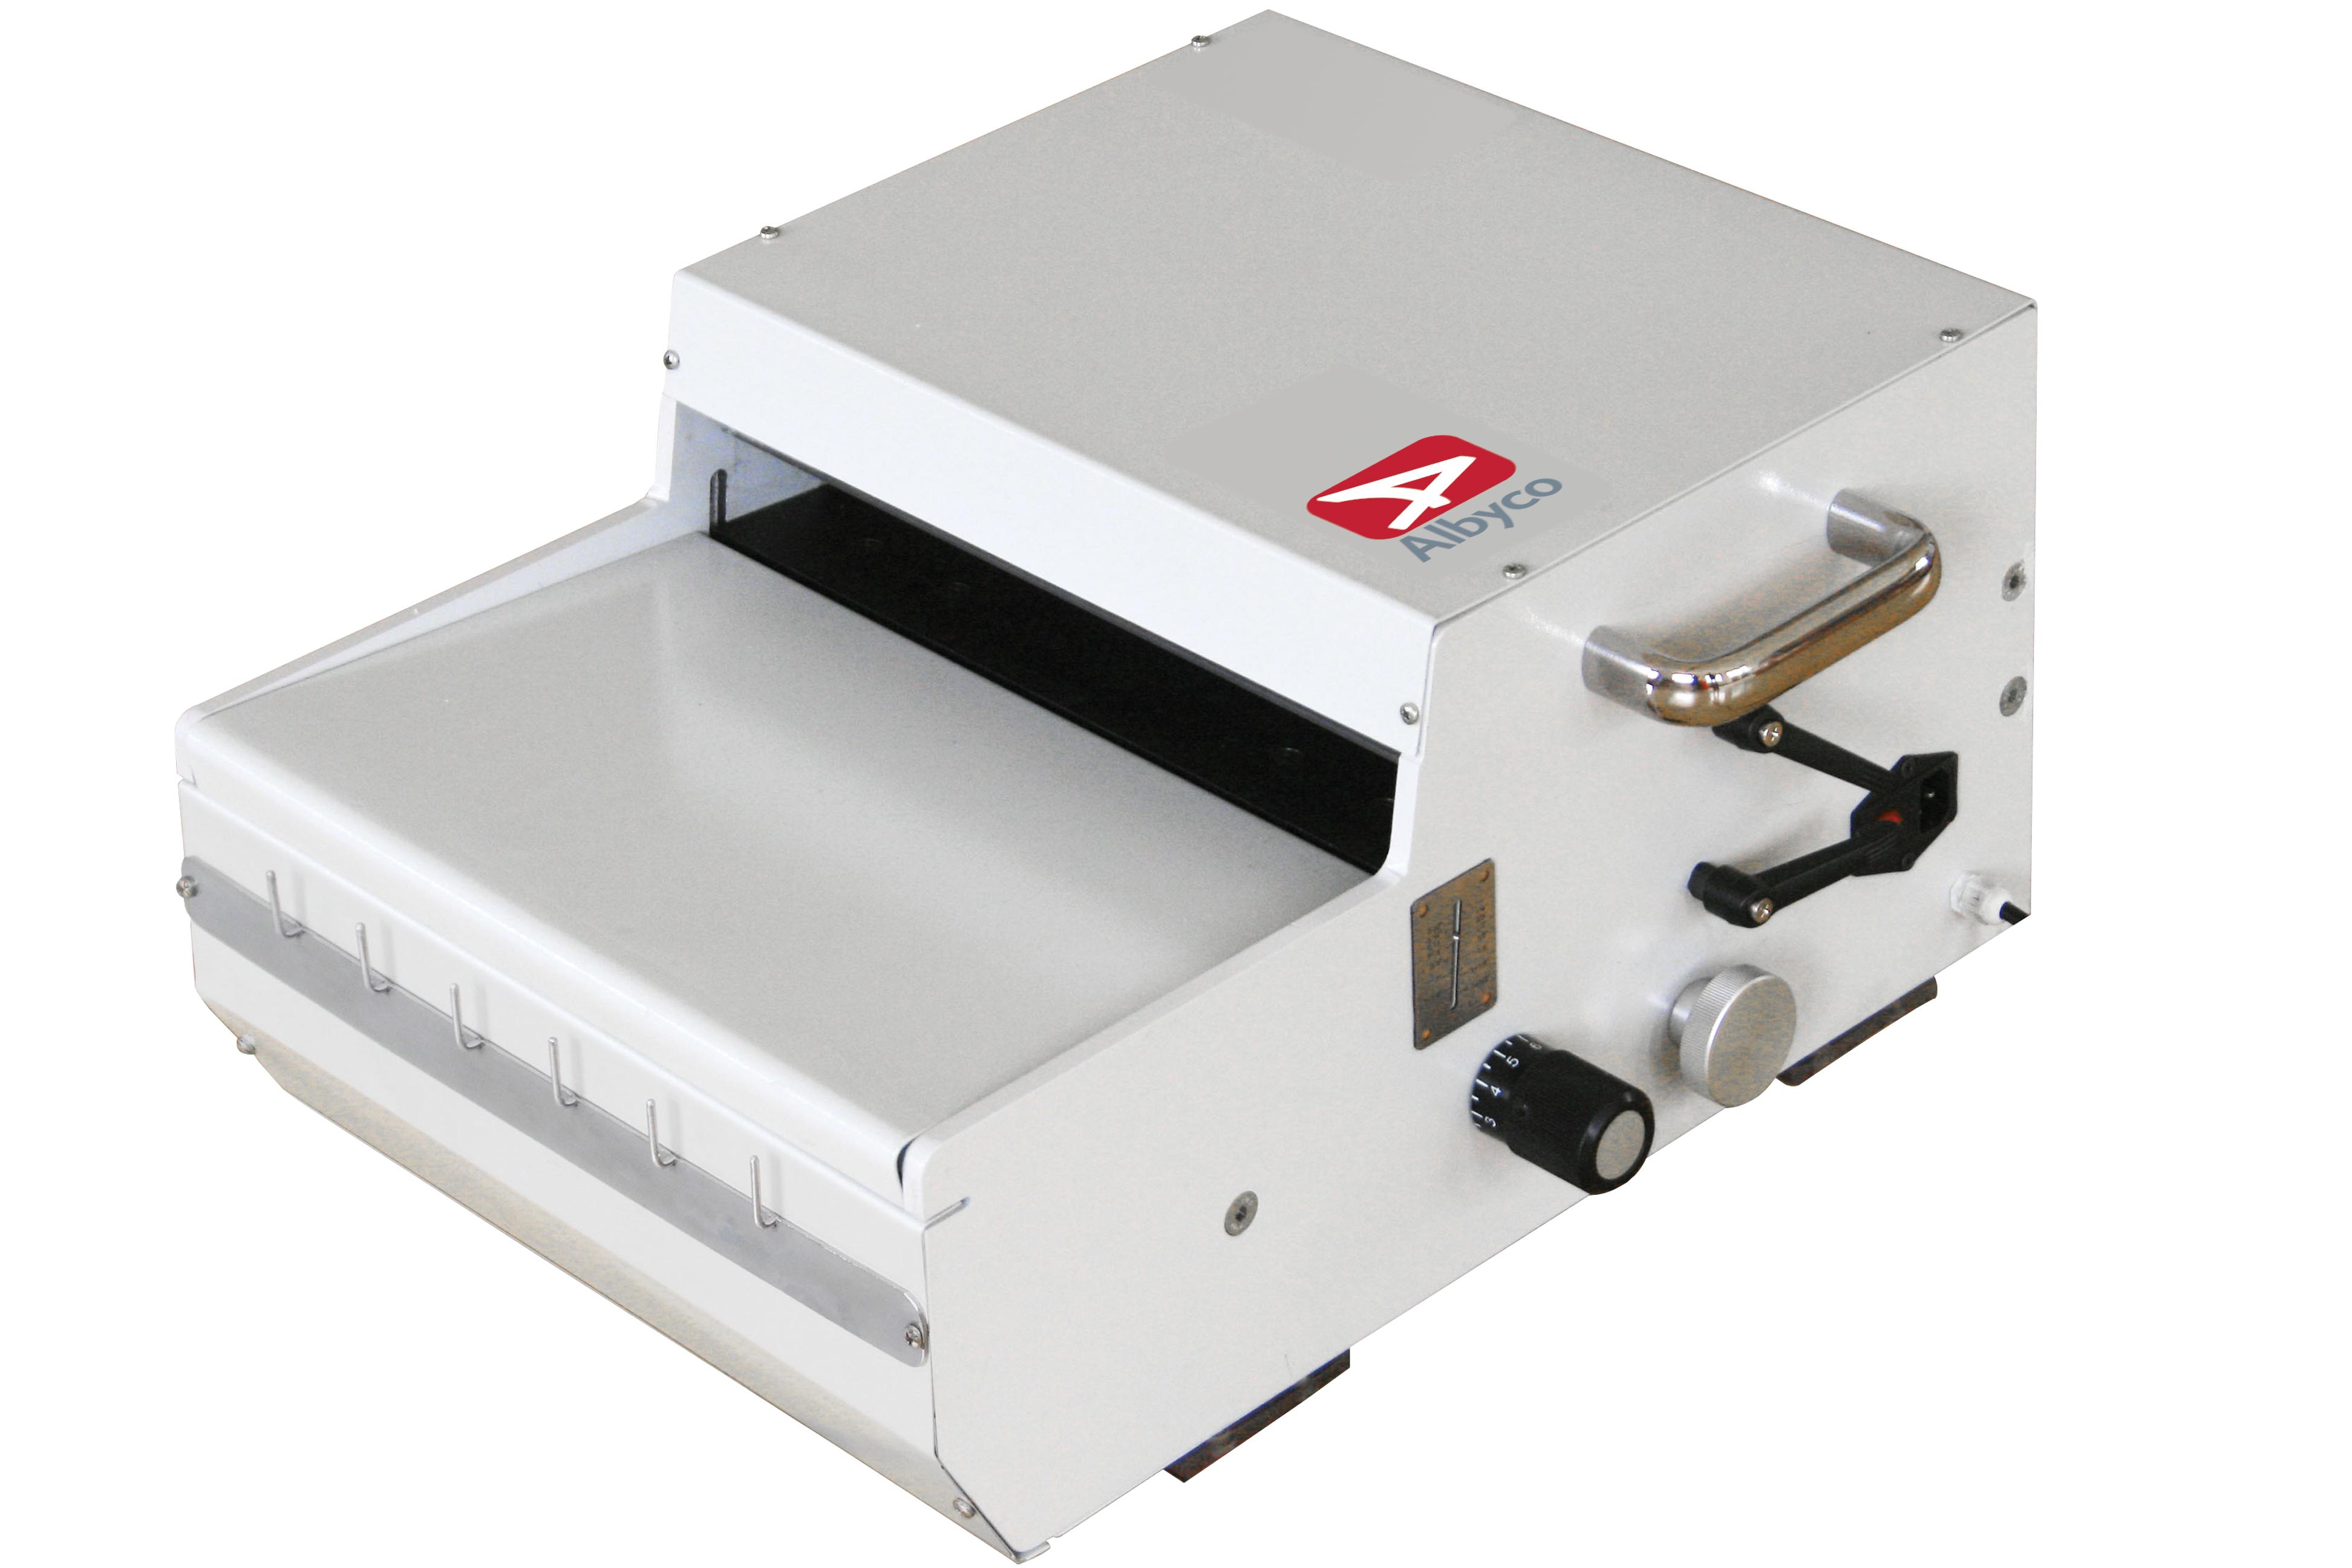 Relieuses électriques Albyco MC-360 pour peignes métalautomatisées